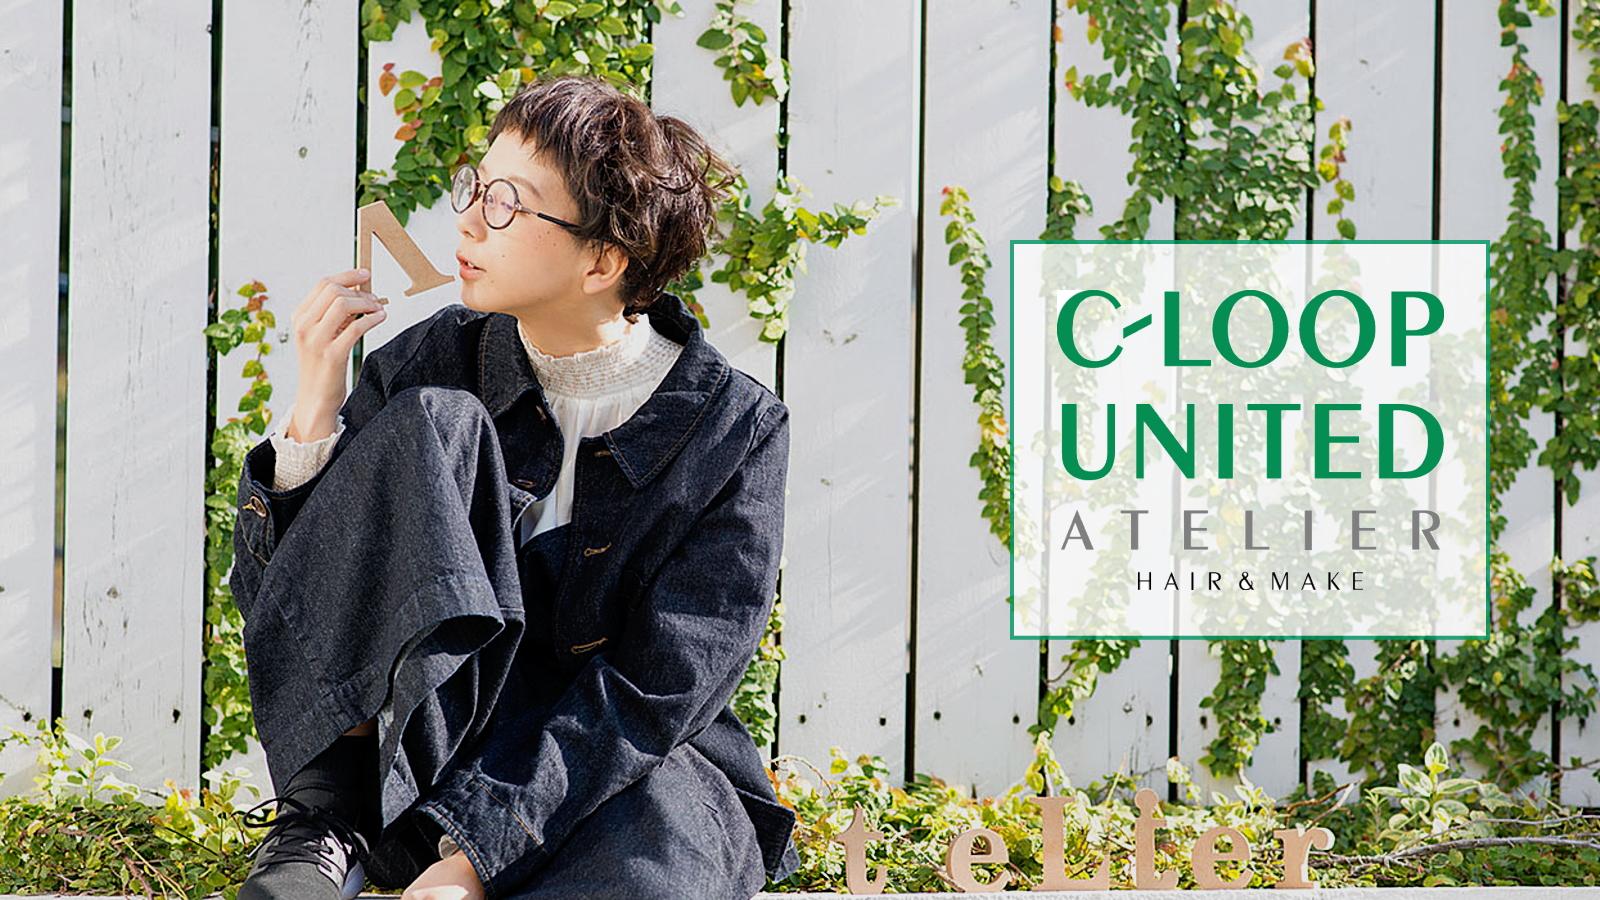 川崎 美容室 C-LOOPUNITED ATELIER(シーループユナイテッド アトリエ)